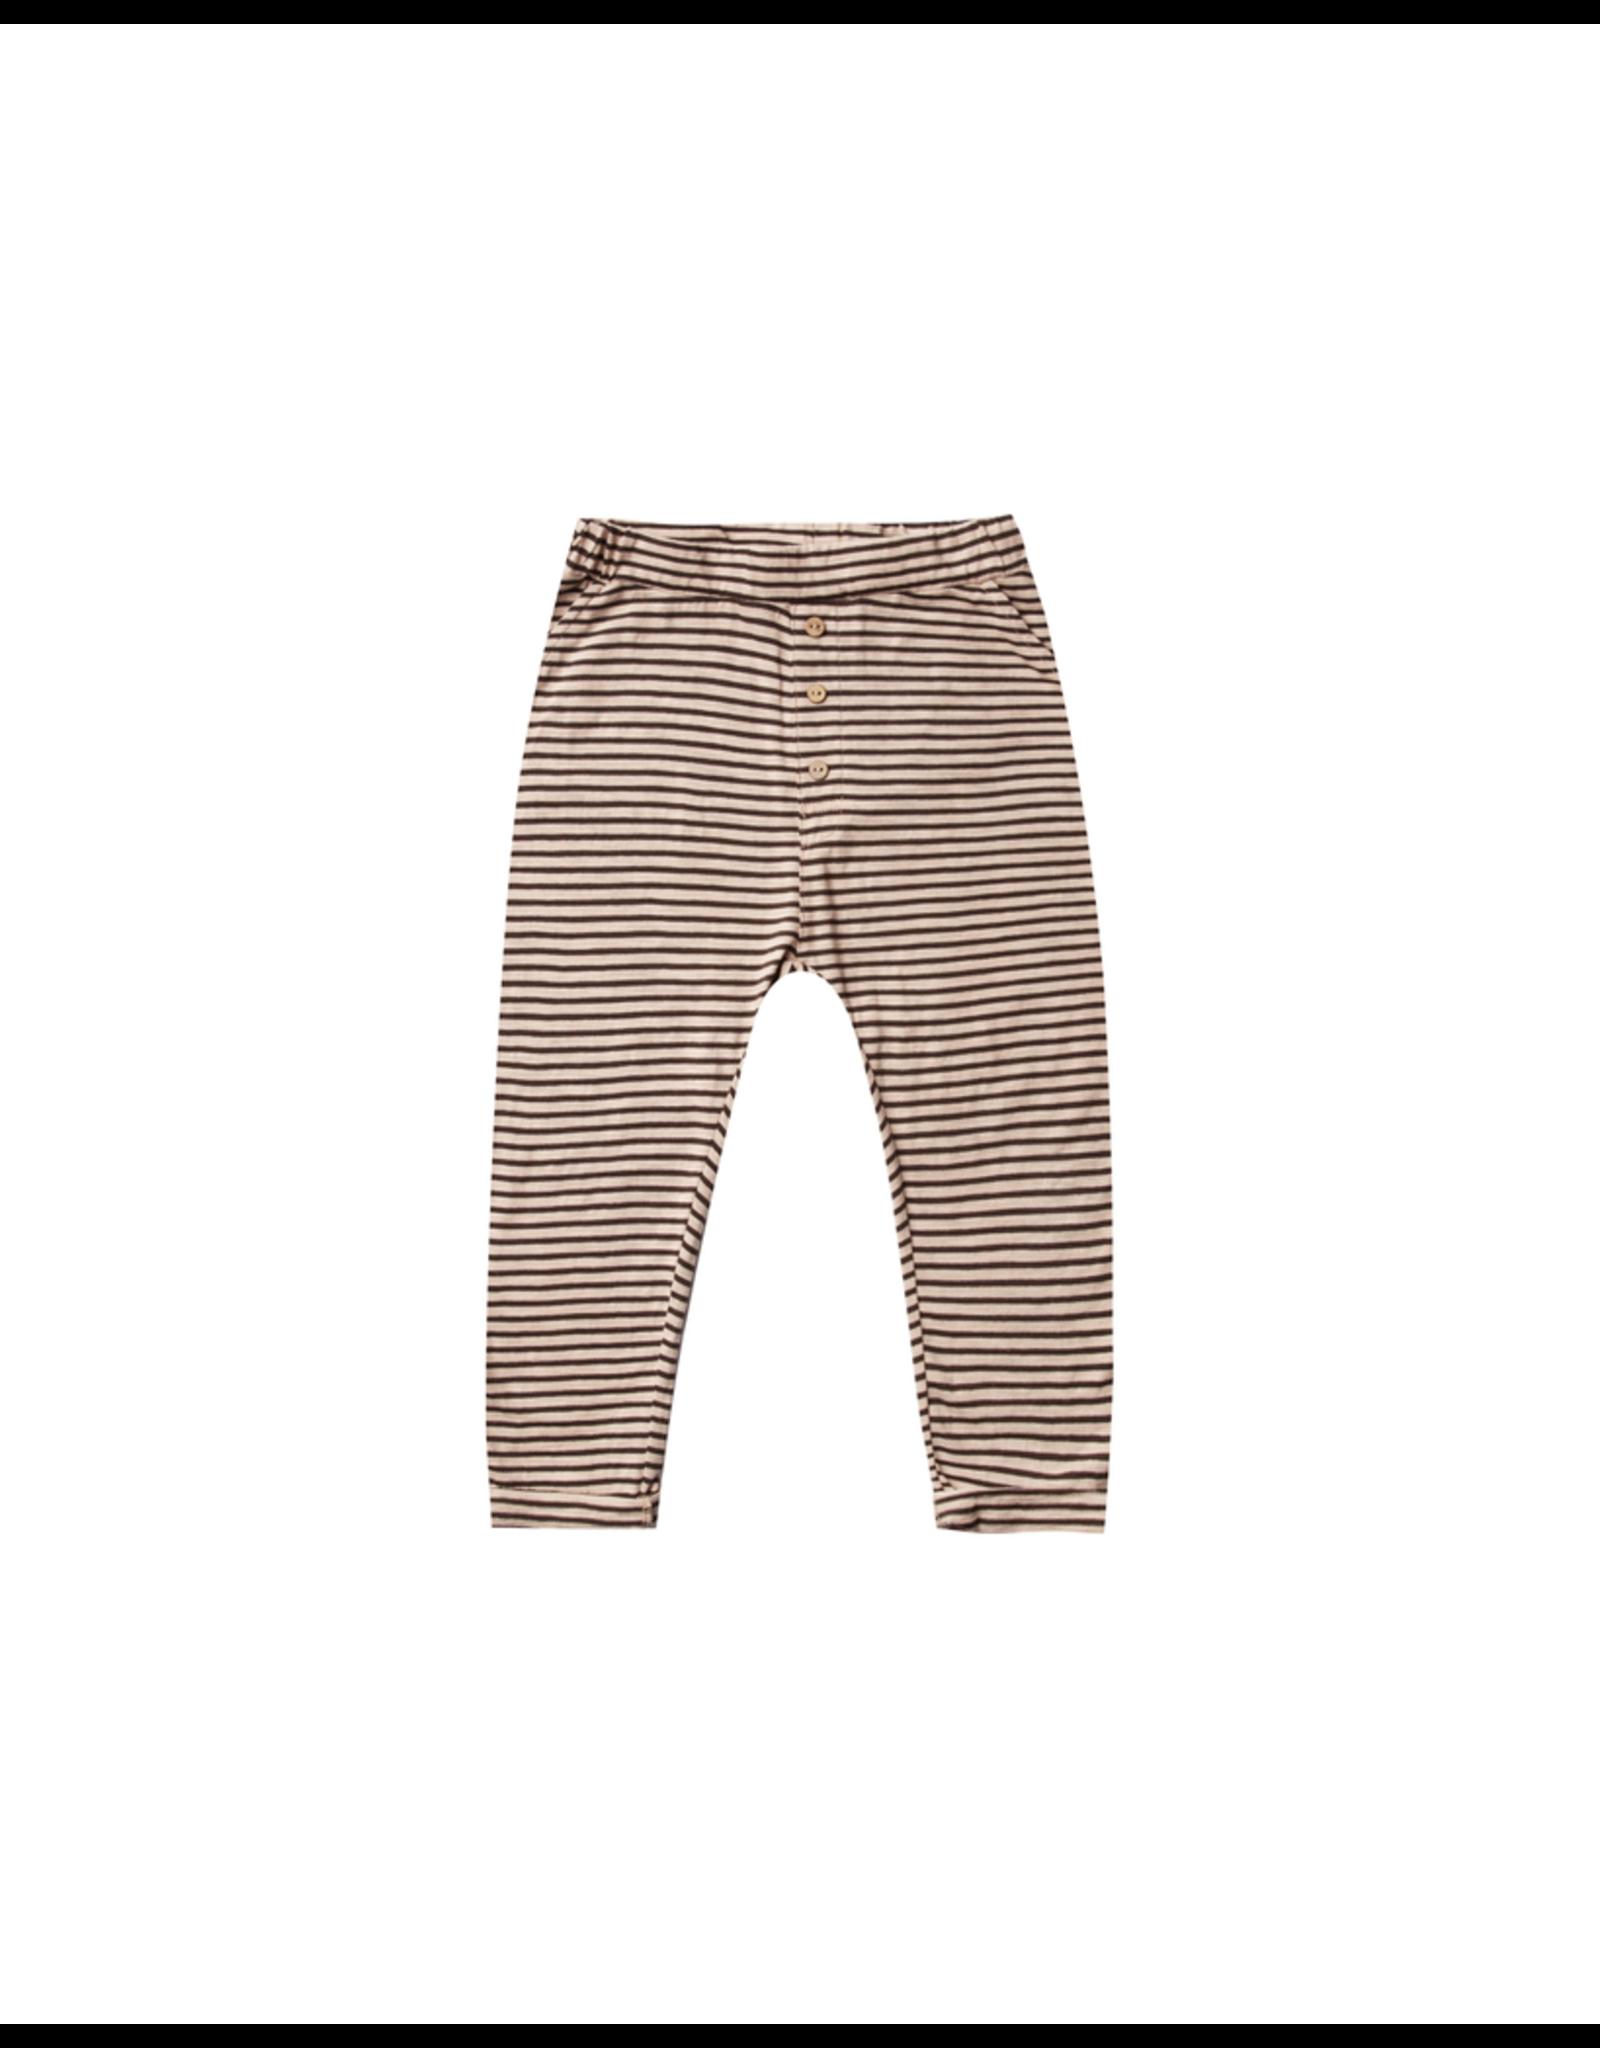 rylee cru rylee + cru striped pant